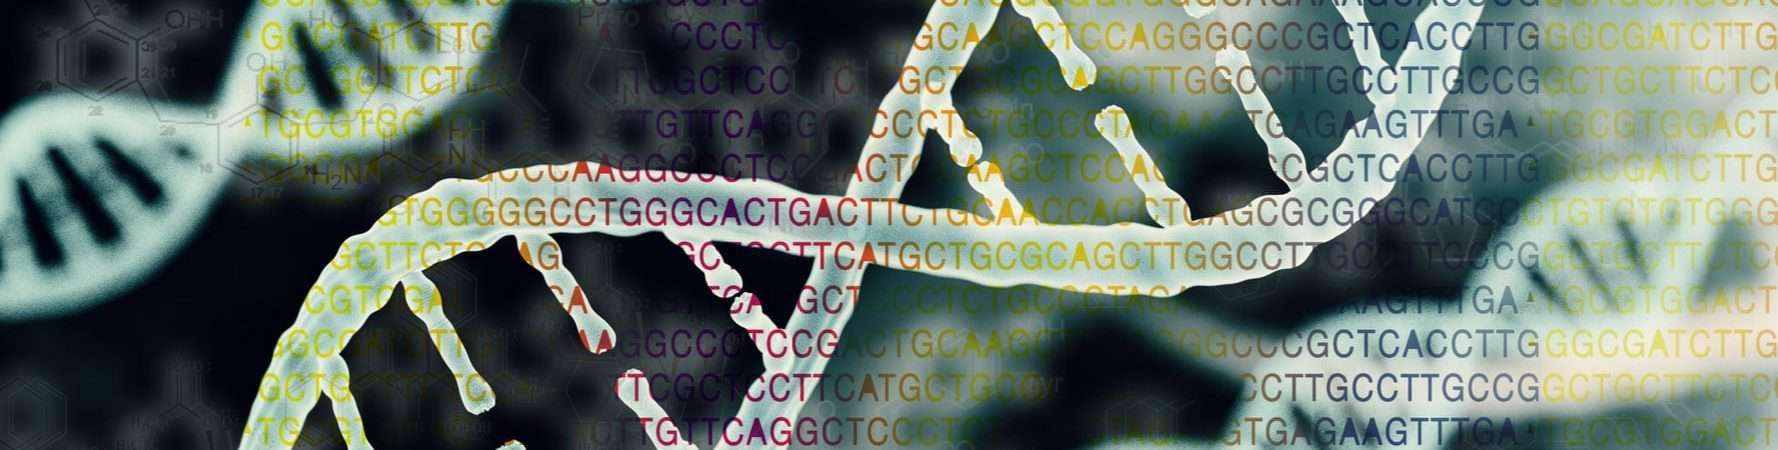 Hebras de ADN que se están secuenciando